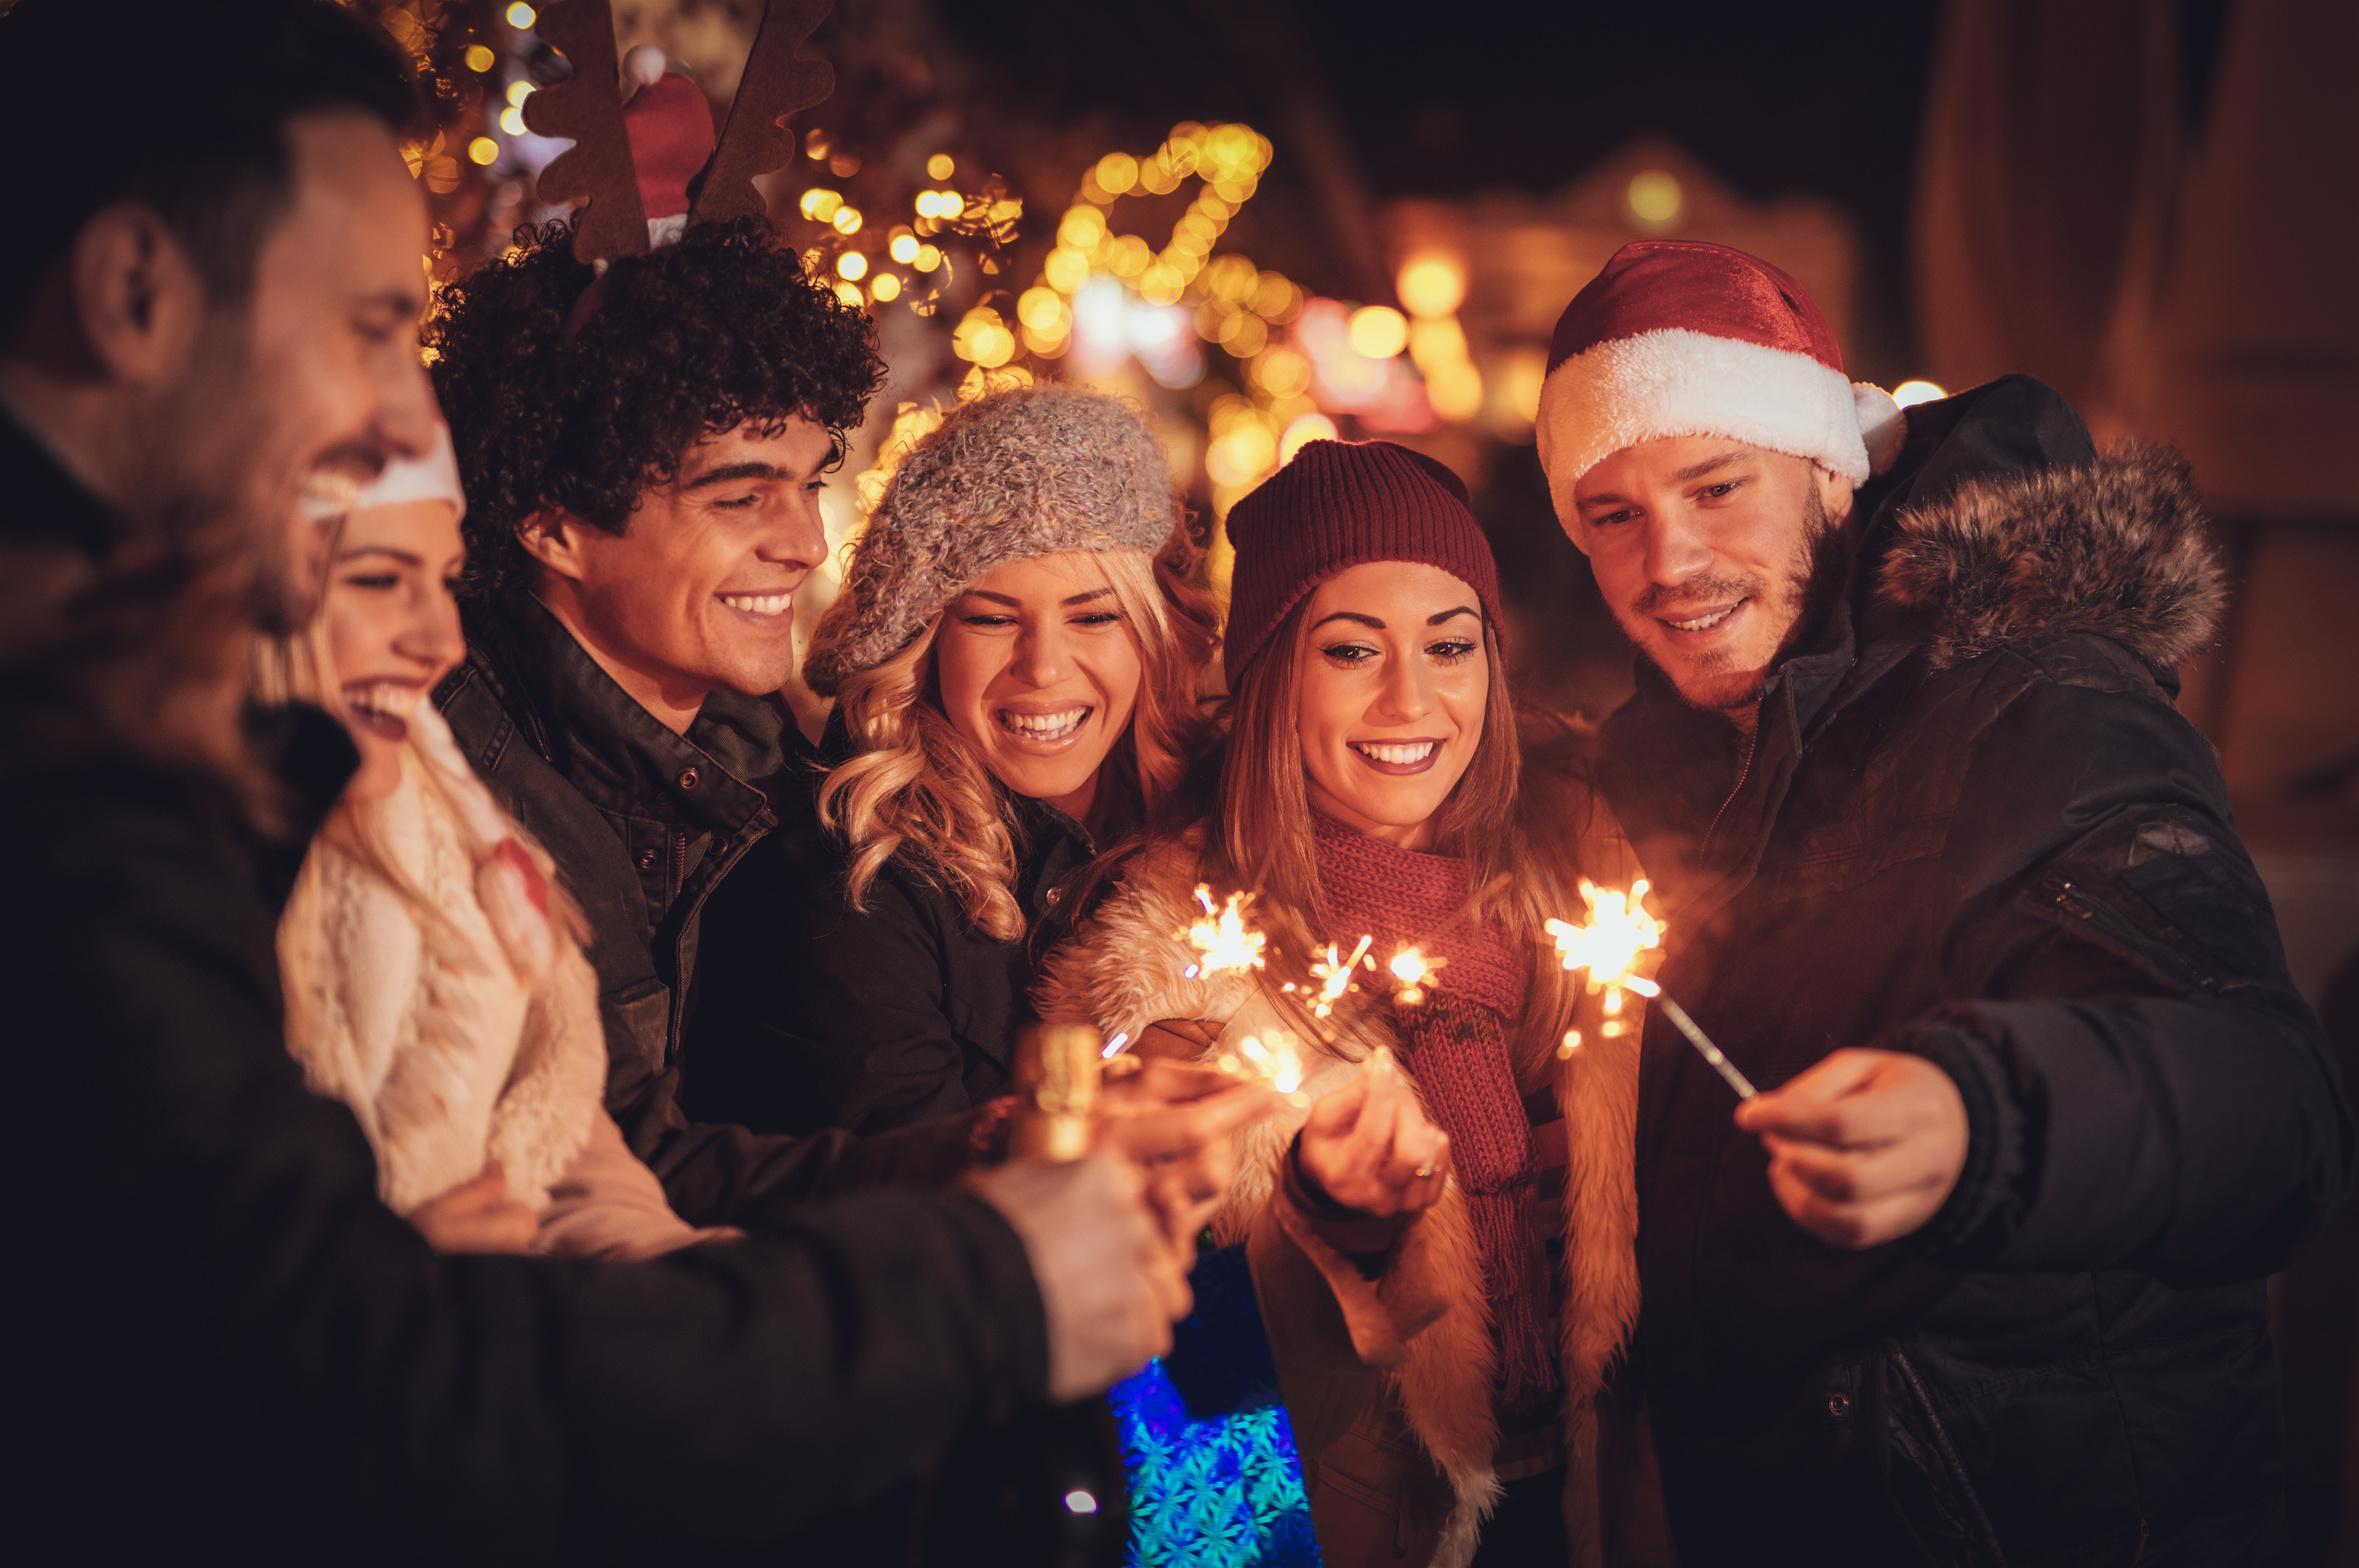 Новый год 2021: как встретить праздник, чтобы год прошел успешно